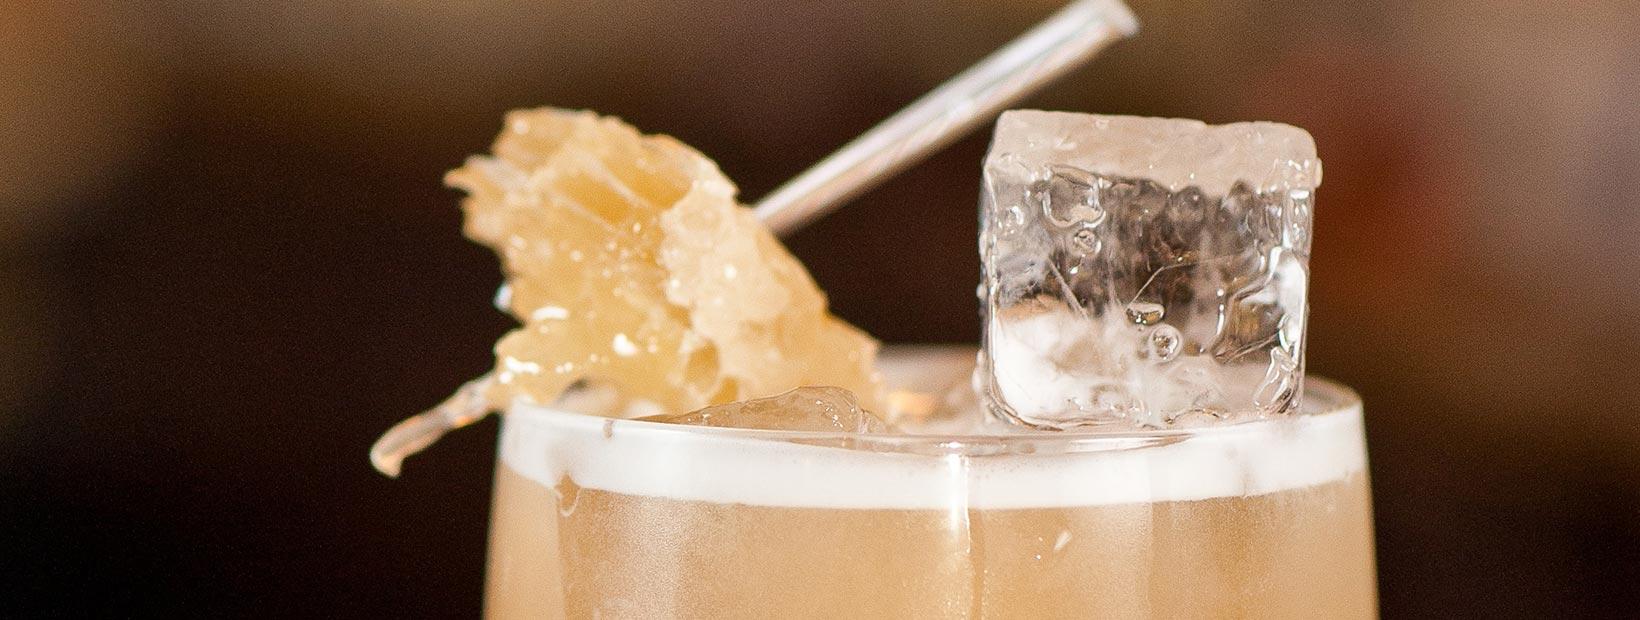 apiary-drink